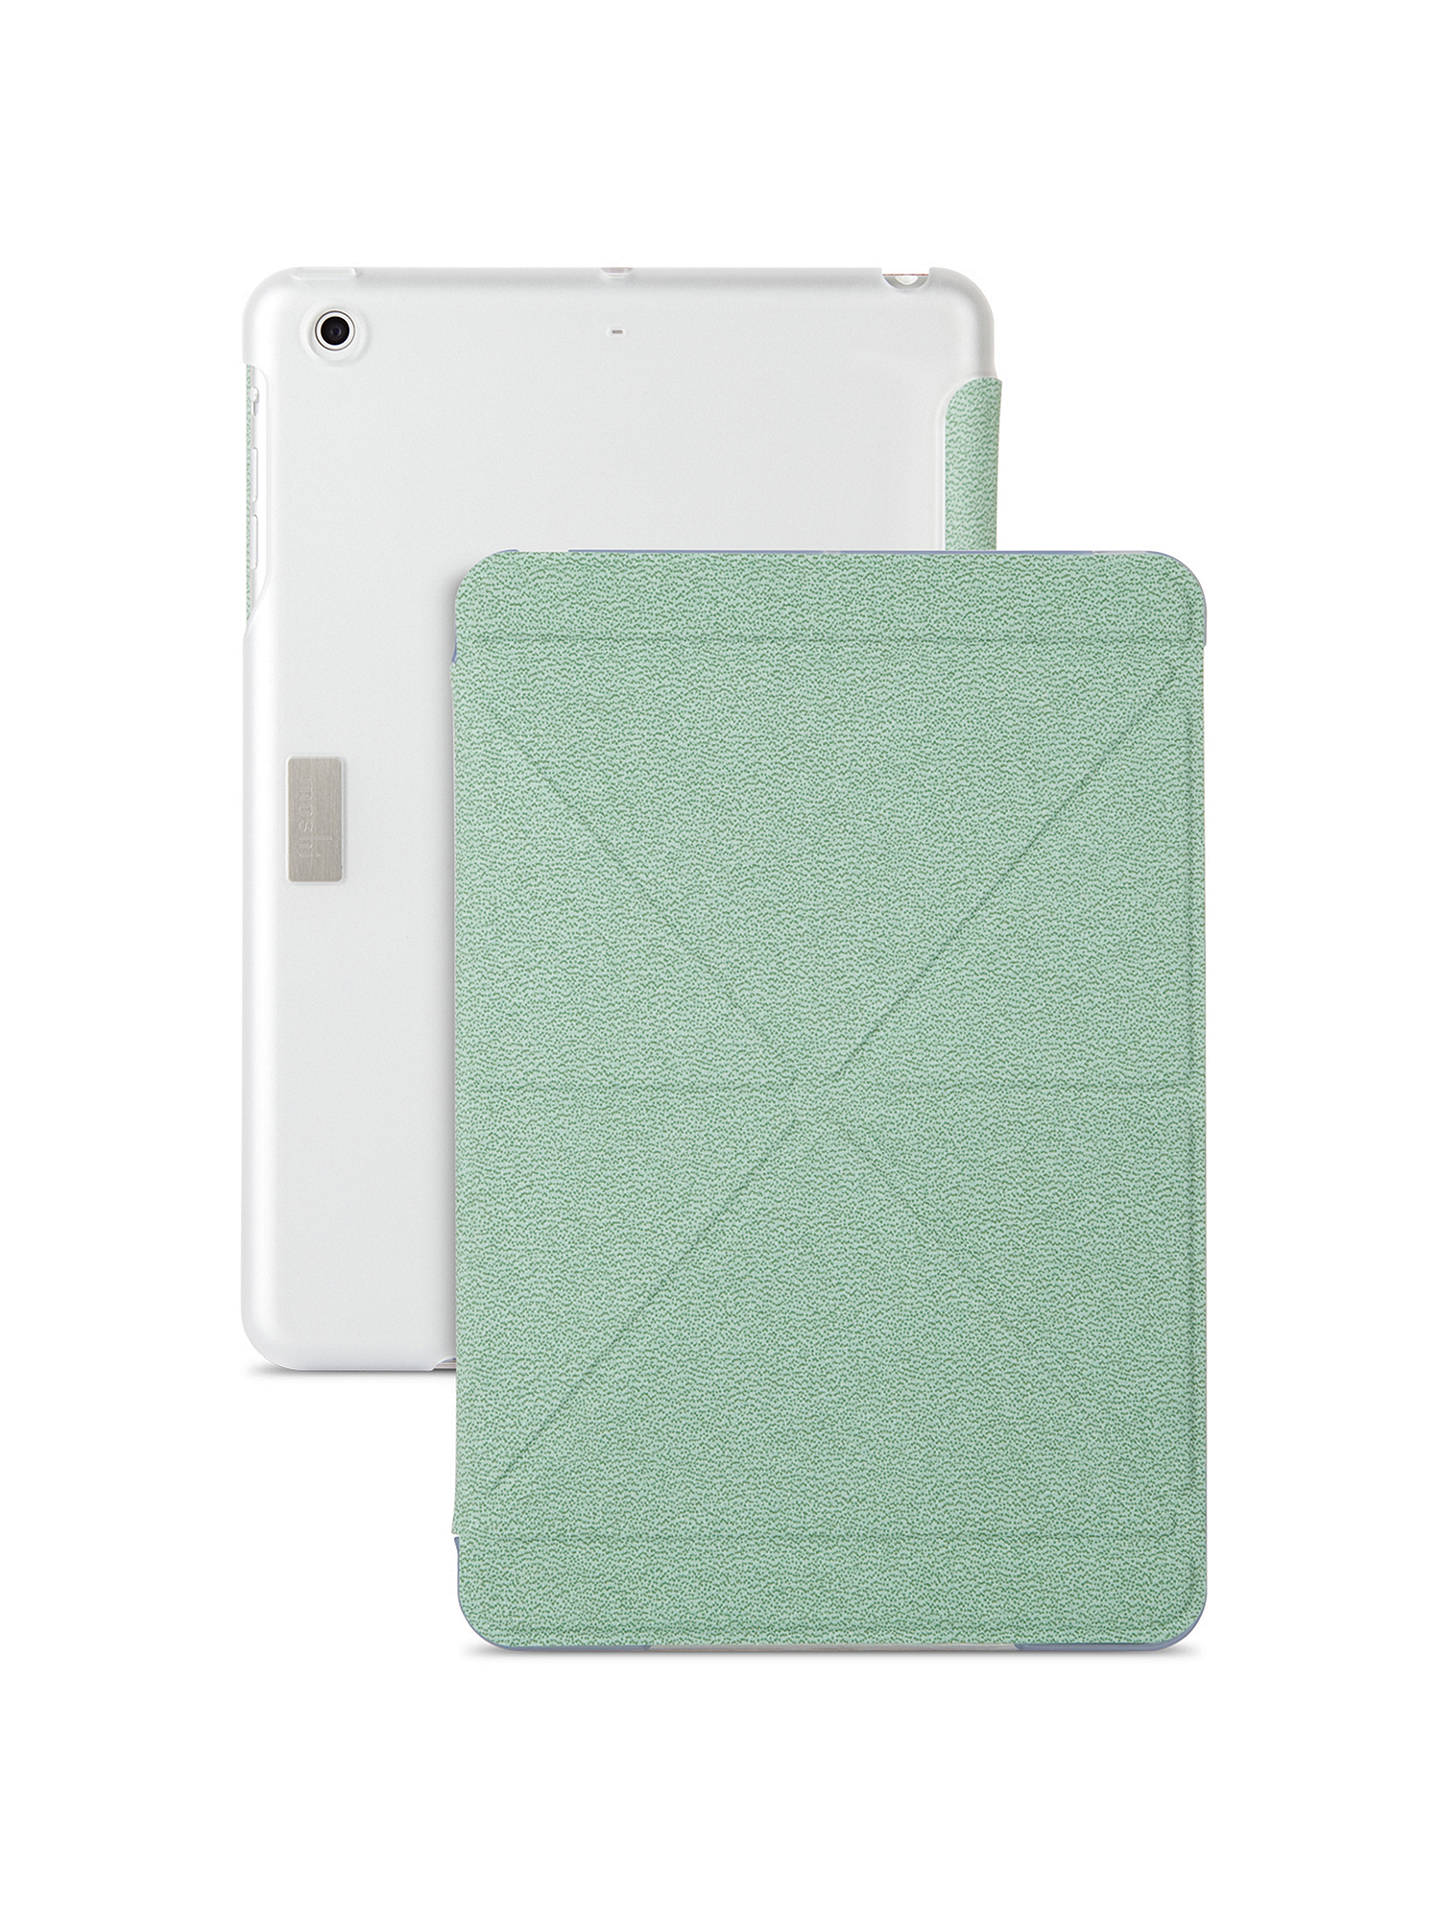 brand new 09aea 5e0ad Moshi VersaCover with Autowake for iPad mini 2 & 3 at John Lewis ...